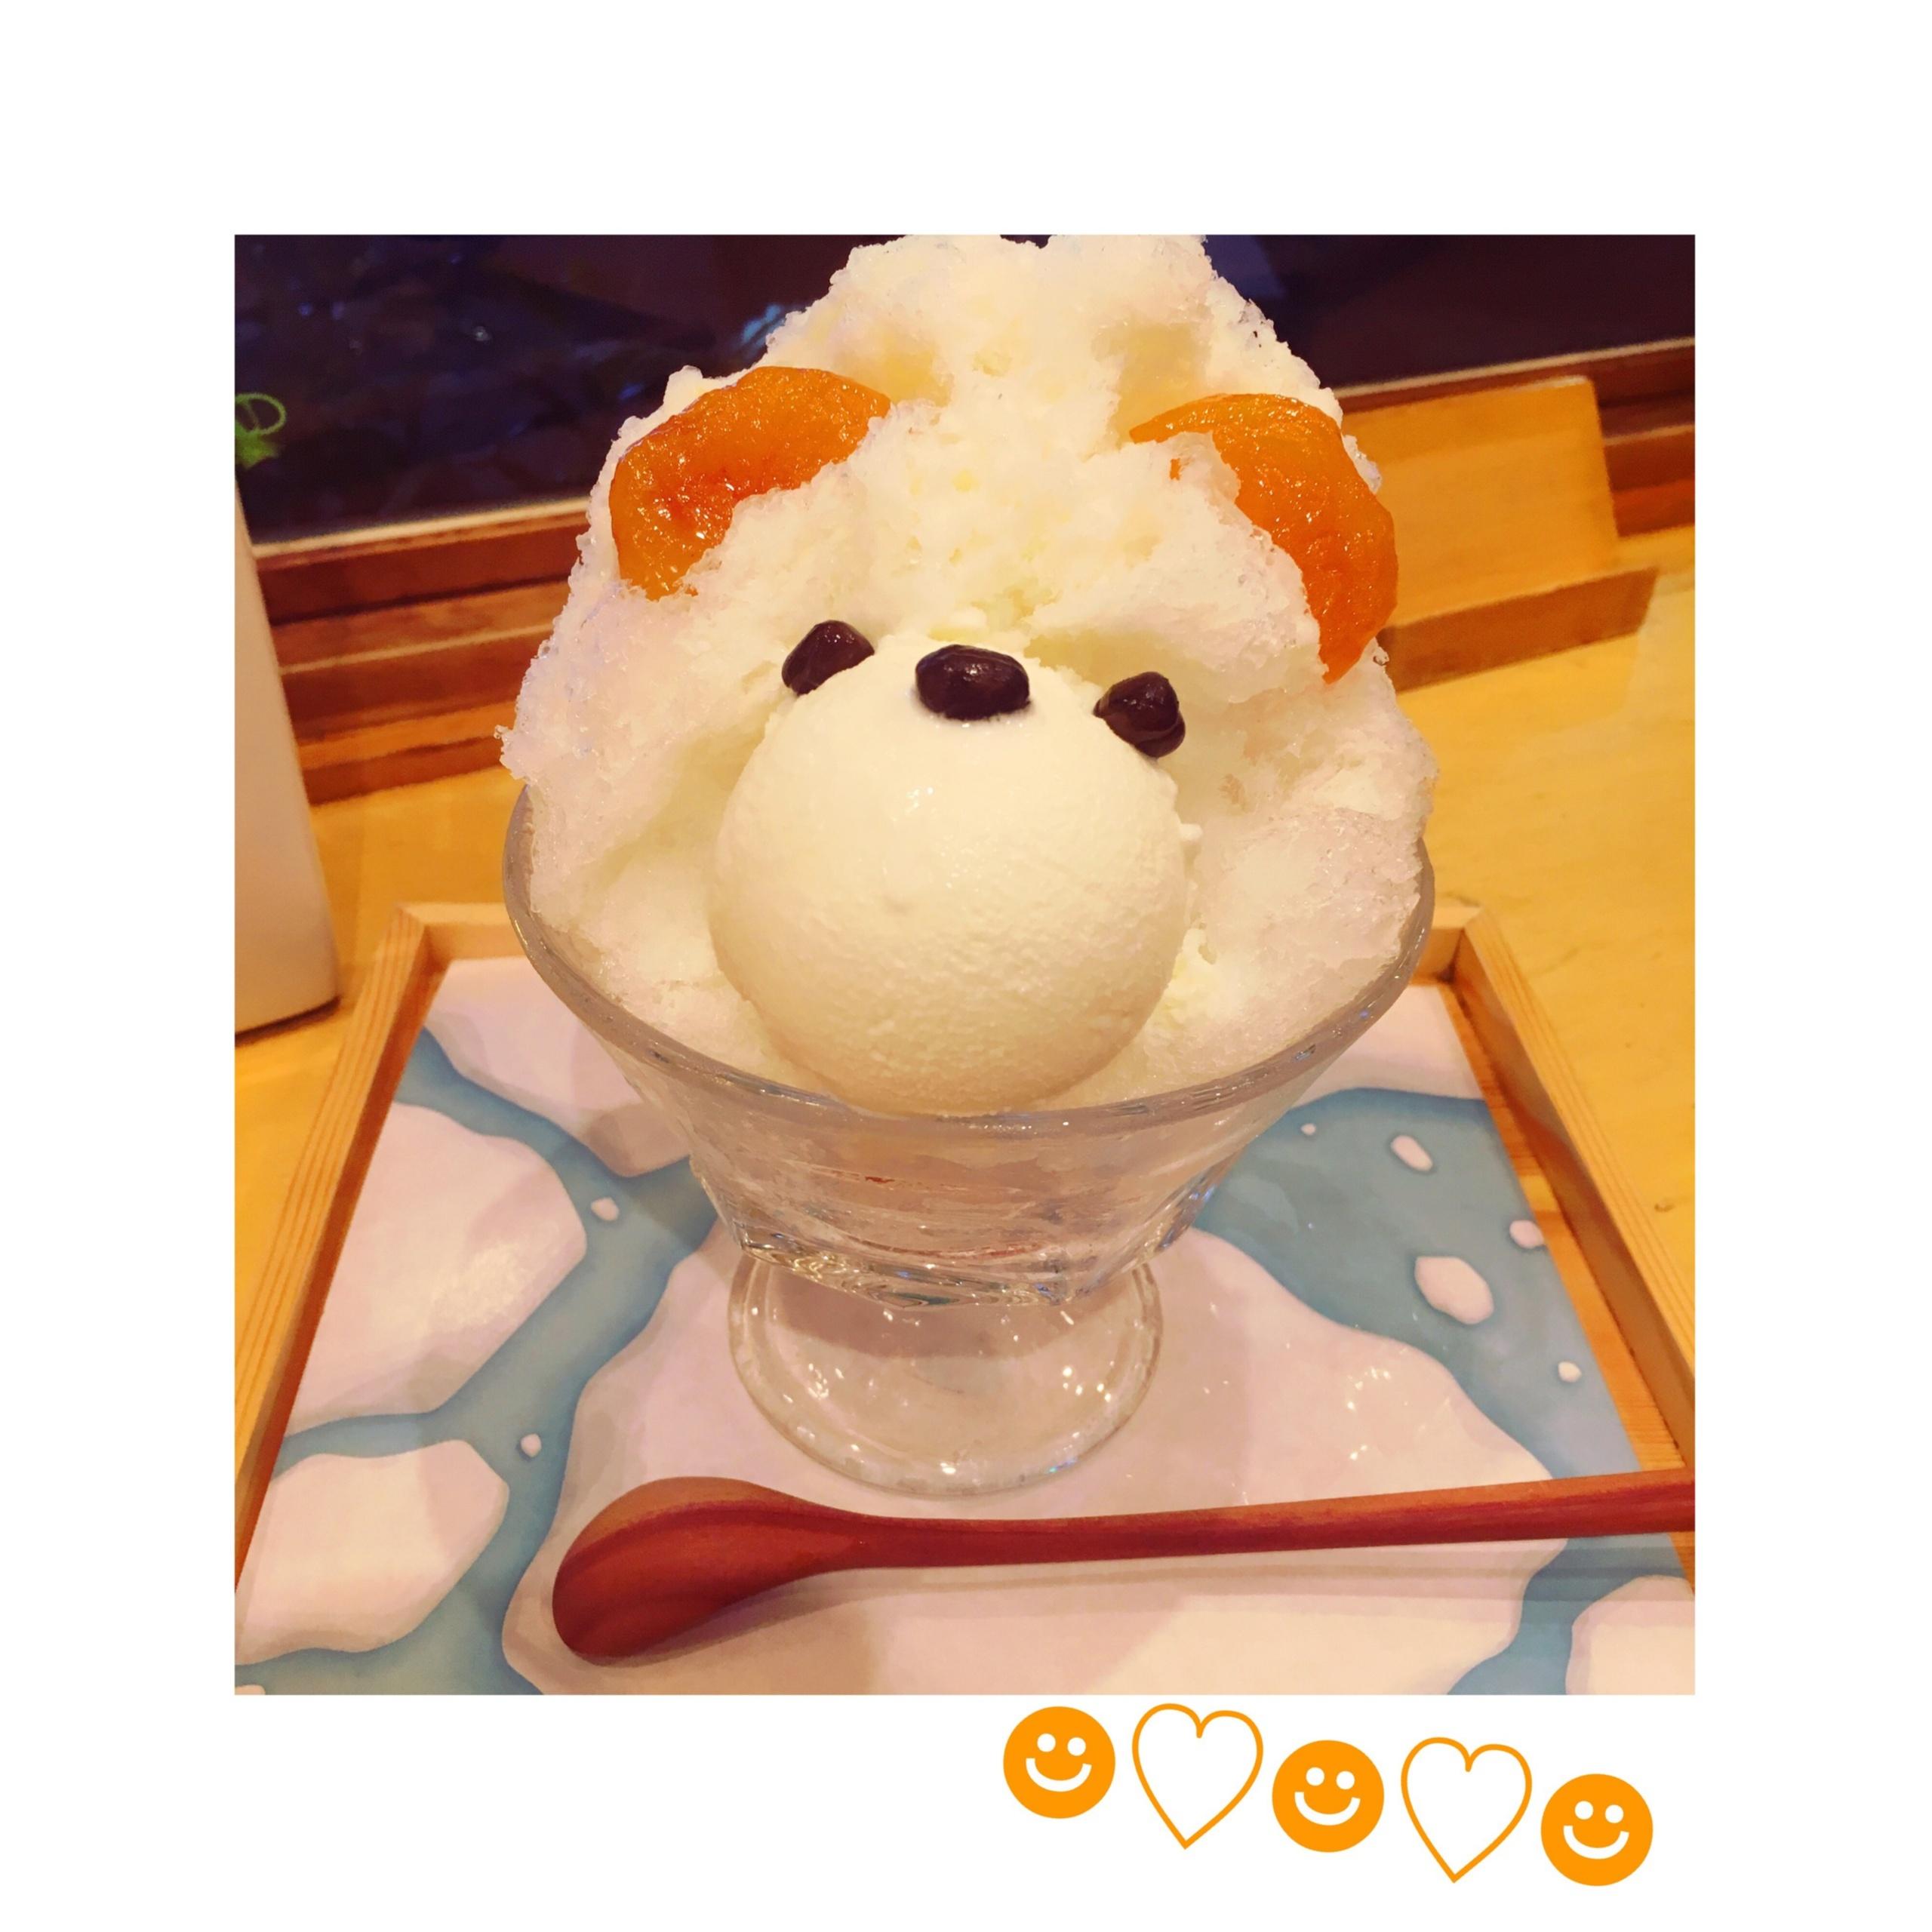 【恵比寿】夏が終わる前に絶対食べたい♡!可愛すぎて食べられない⁈〝くまさんかき氷〟❤️_2